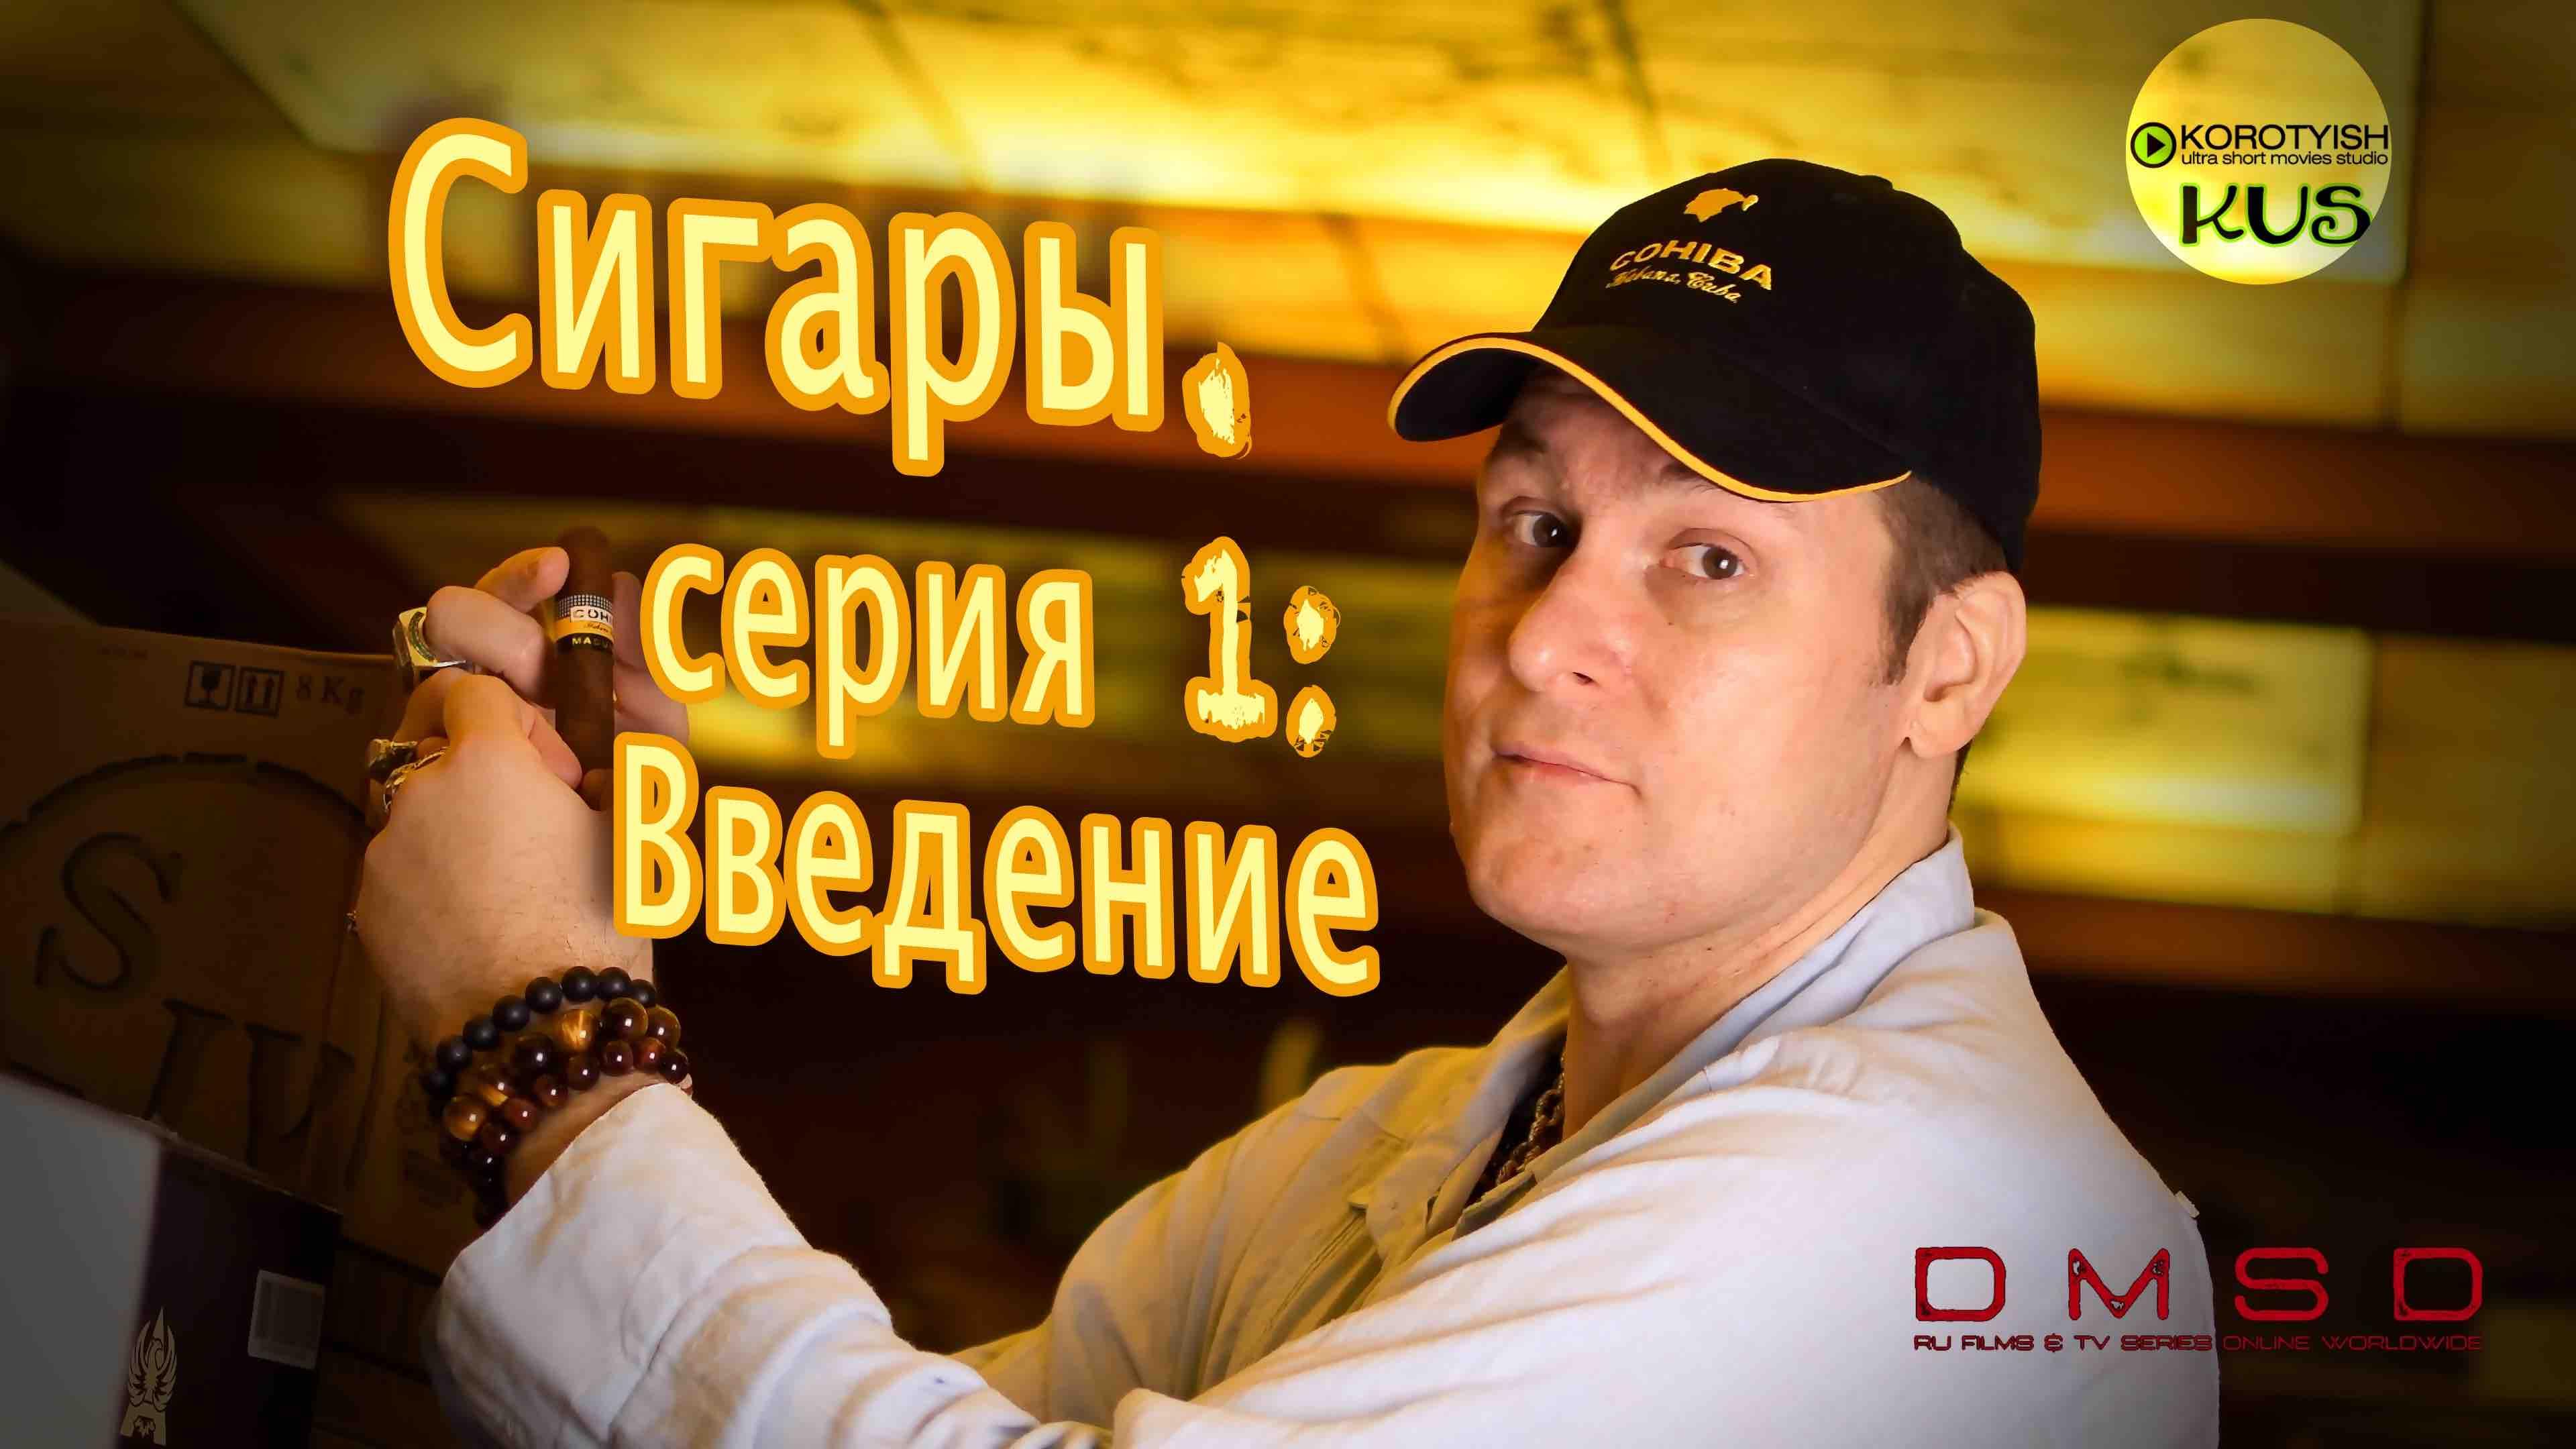 Сигары. Введение_2019_Ru-series_DMSD